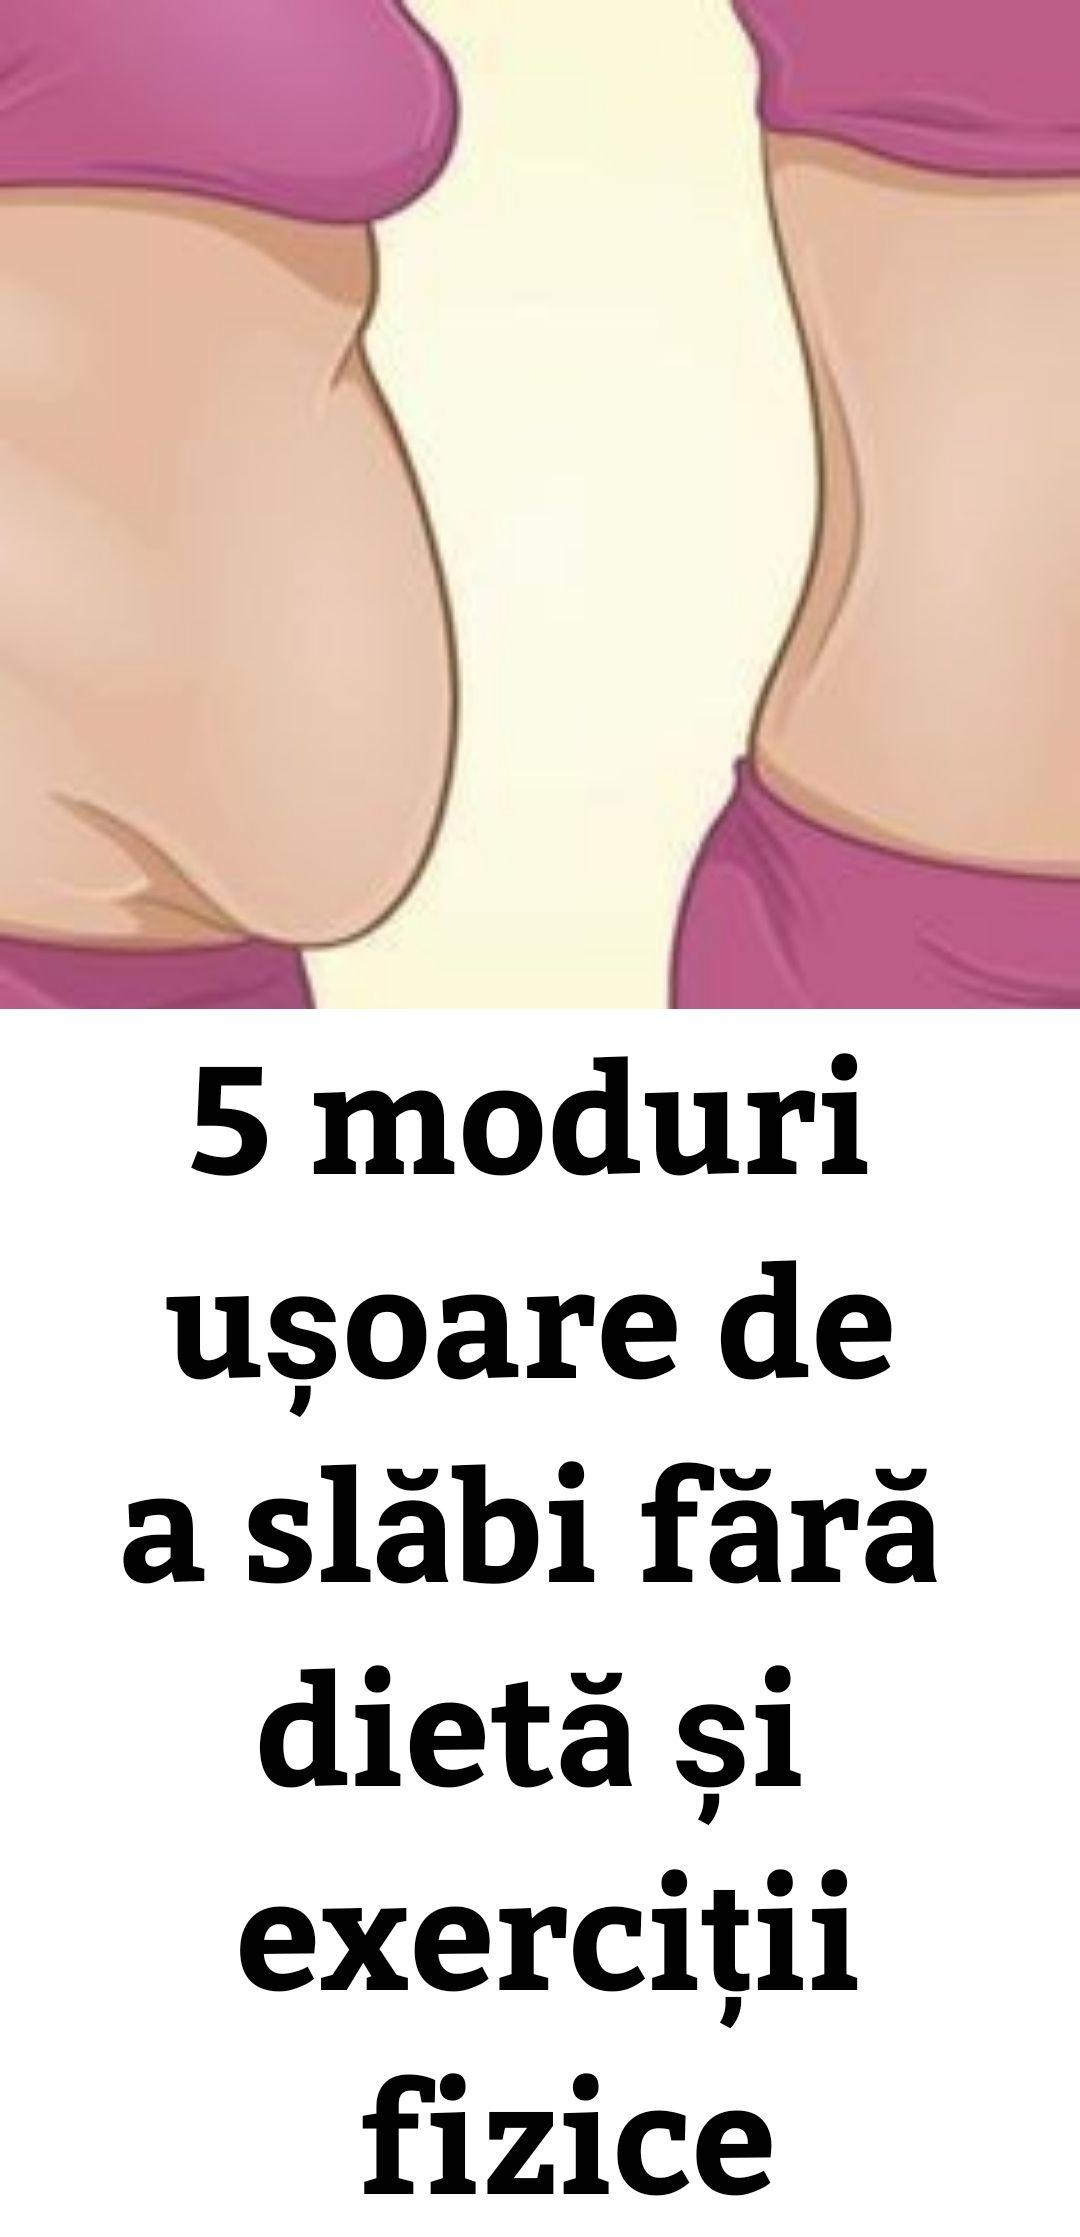 only 5 pounds weight - Traducere în română - exemple în engleză   Reverso Context